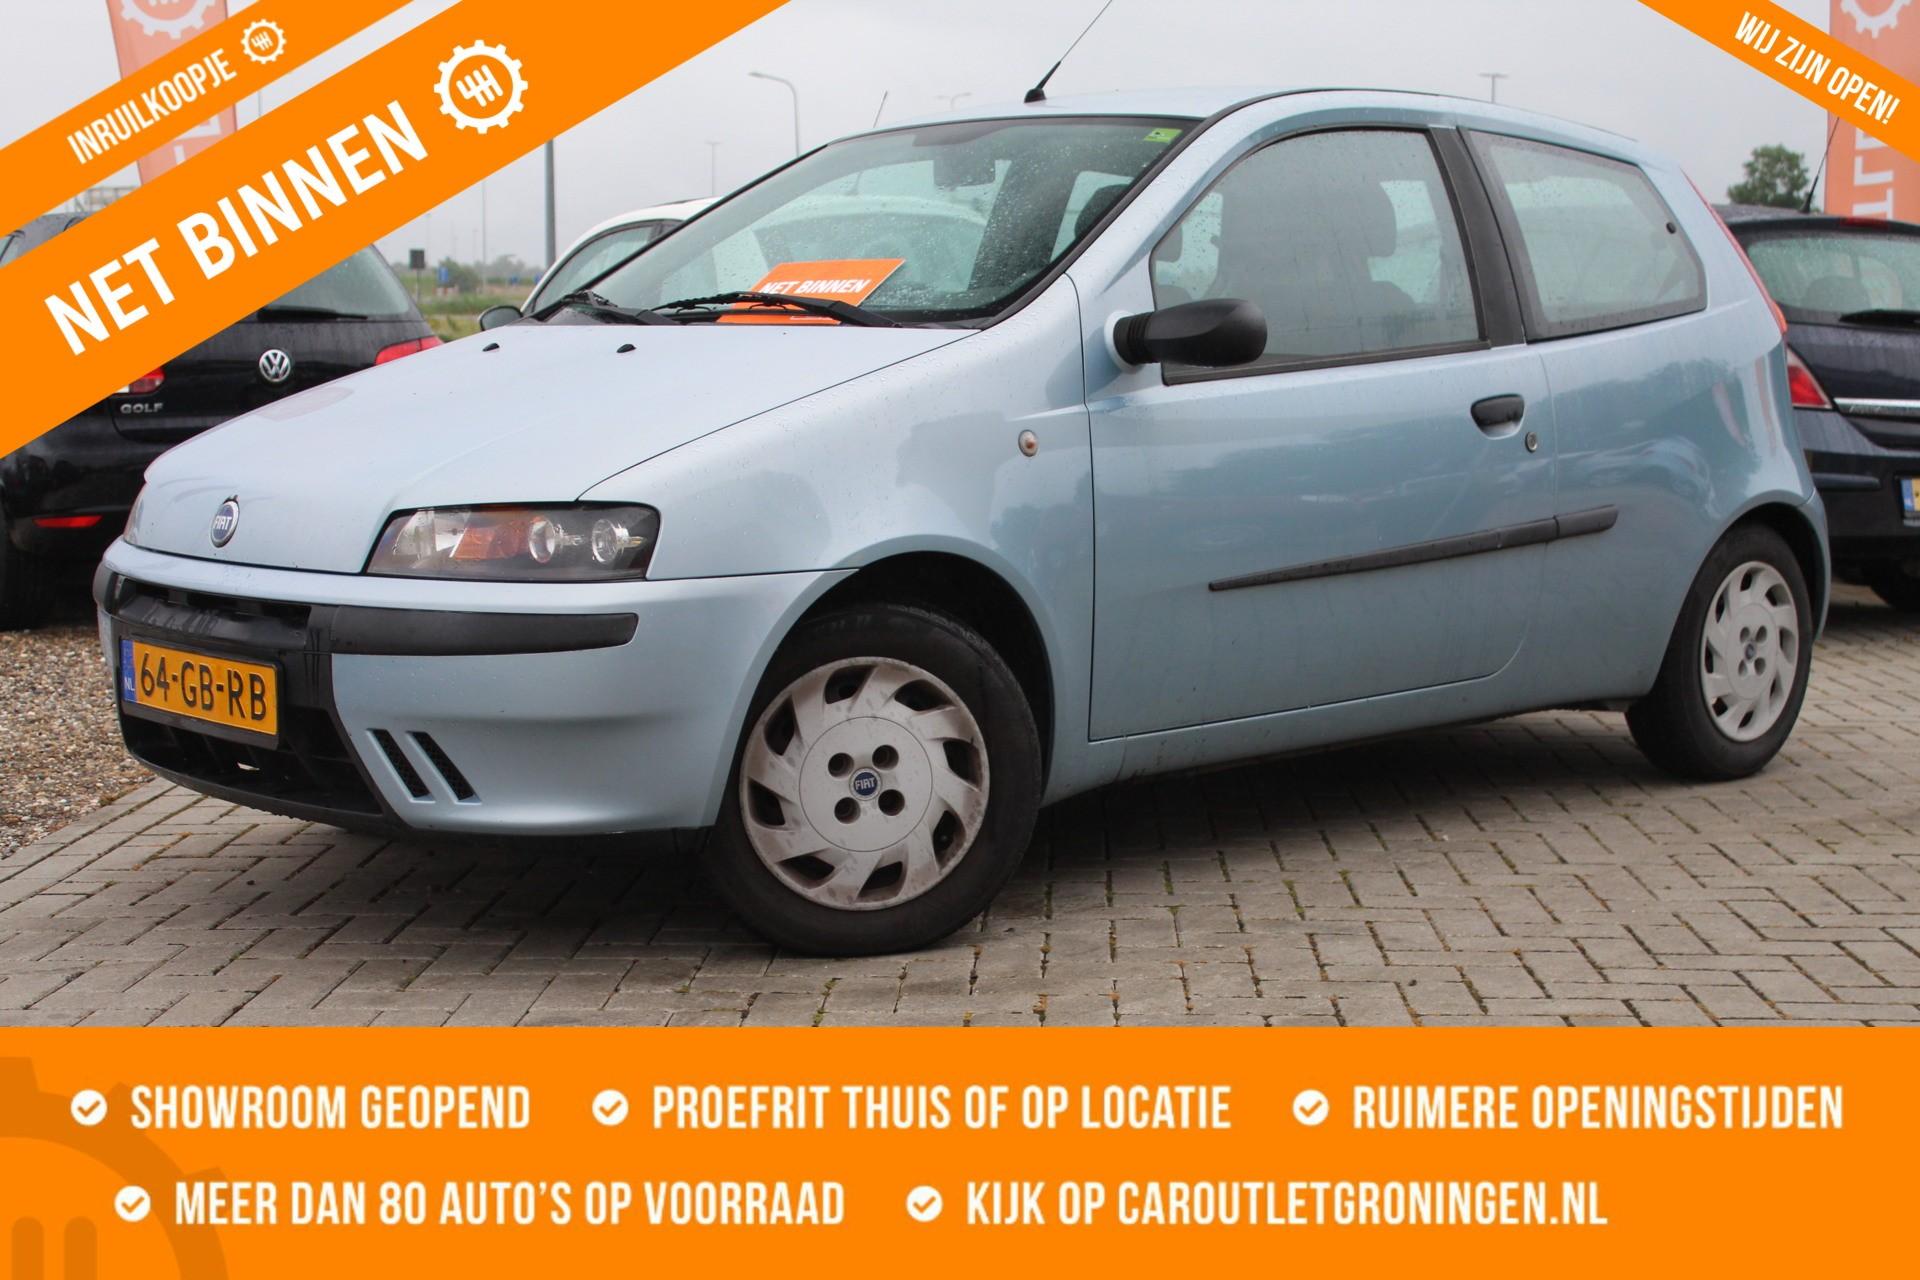 Caroutlet Groningen - Fiat Punto 1.2 ELX | INRUILKOOPJE | ELEK PAKKET | 187.000KM